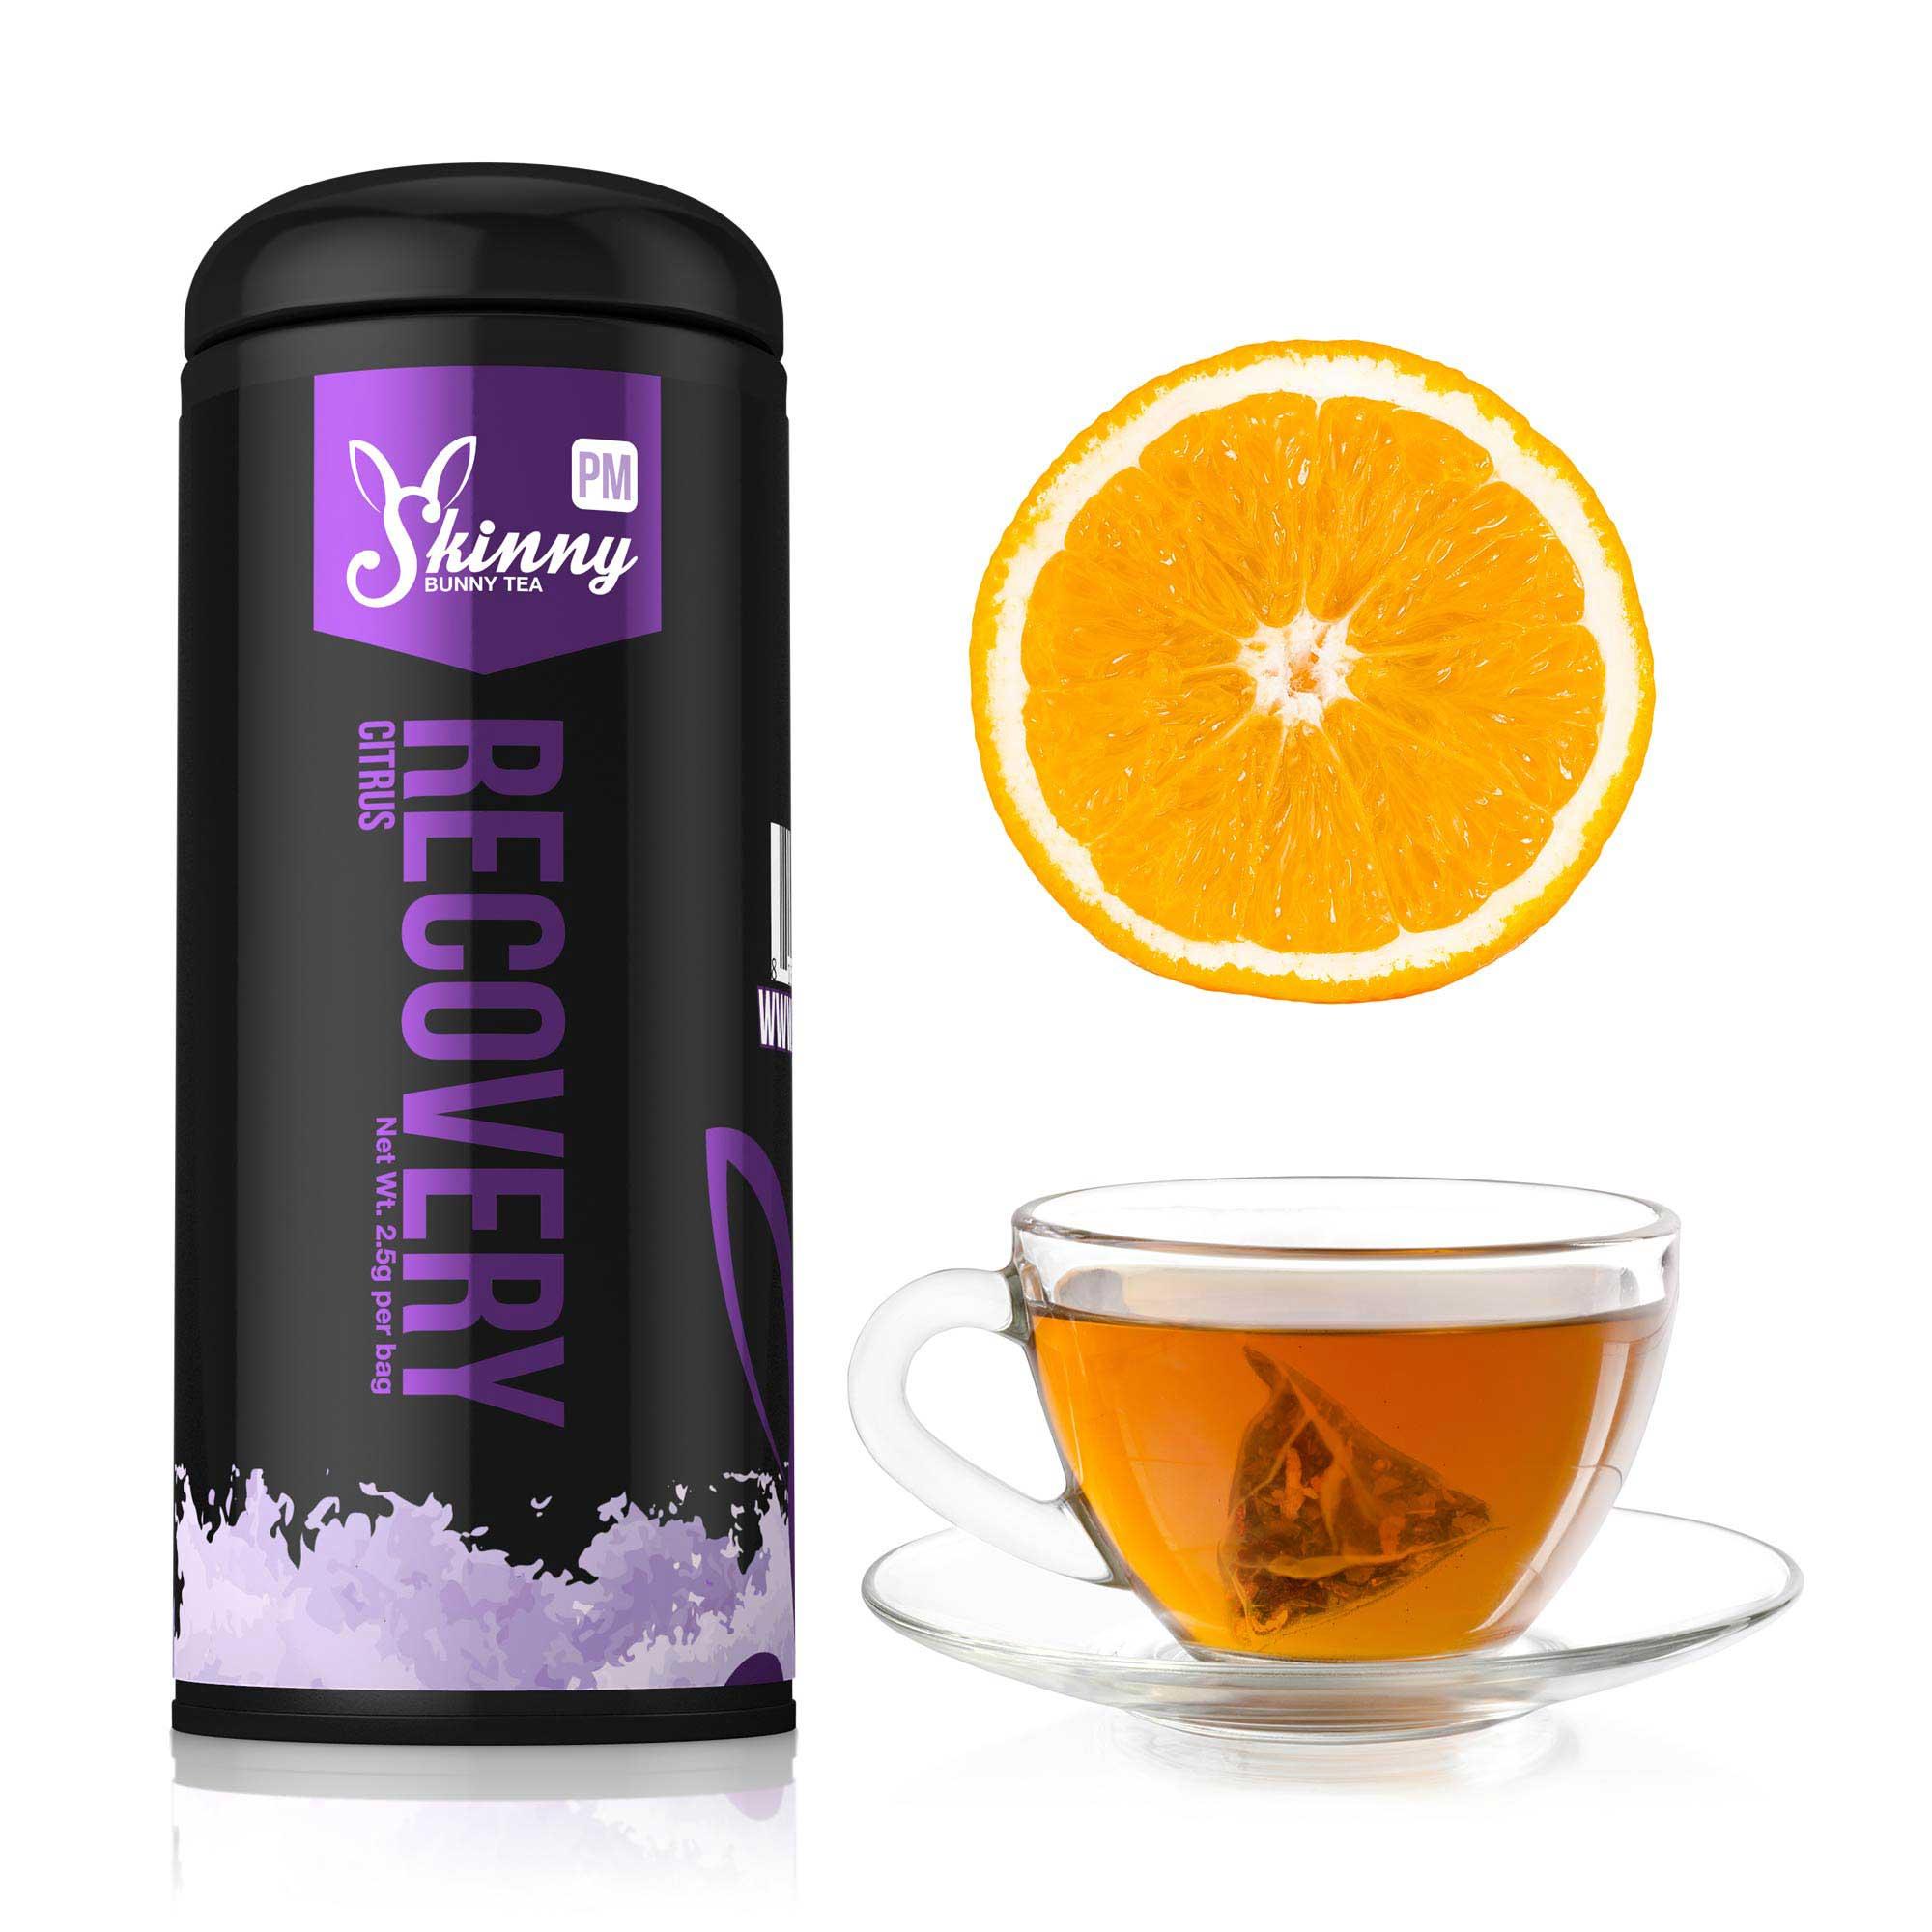 Skinny Bunny Tea: Recovery